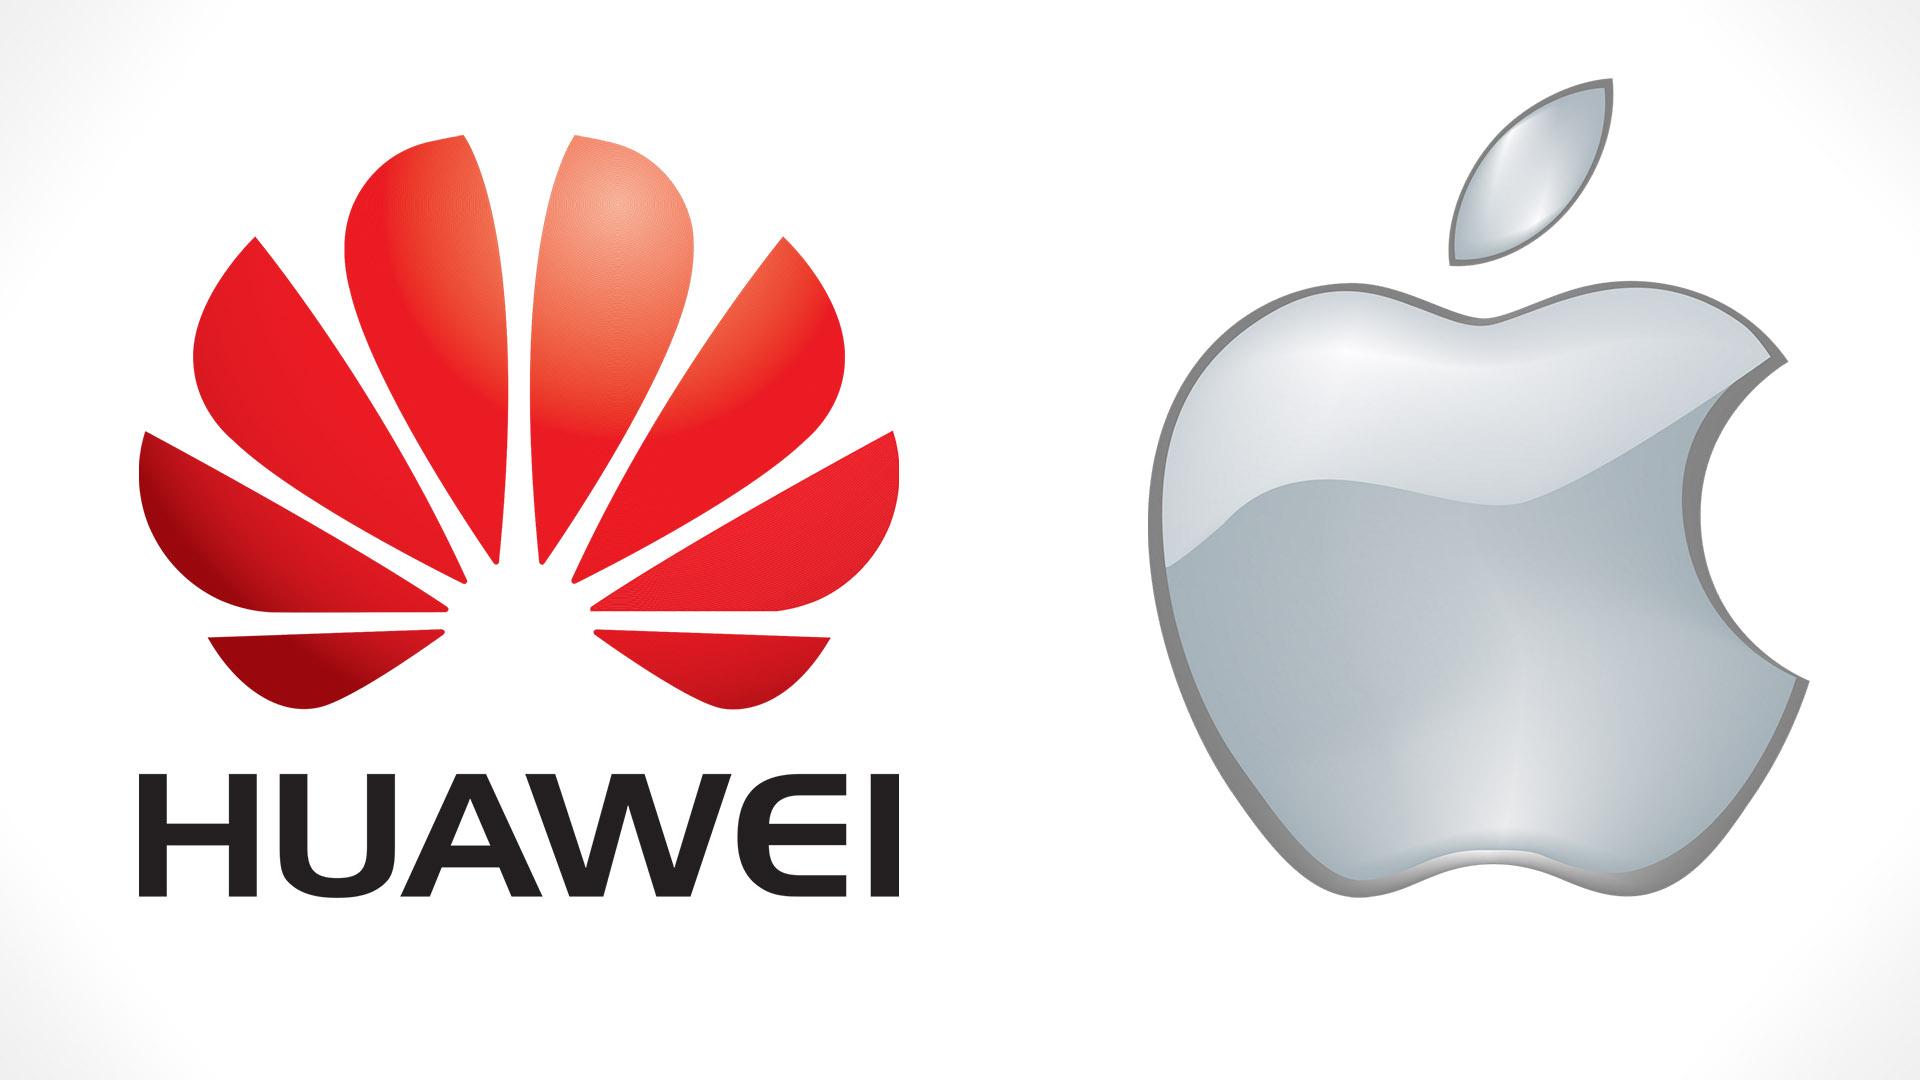 Apple Huawei'nin başına gelenlerden sonra üretimi arttırdı!